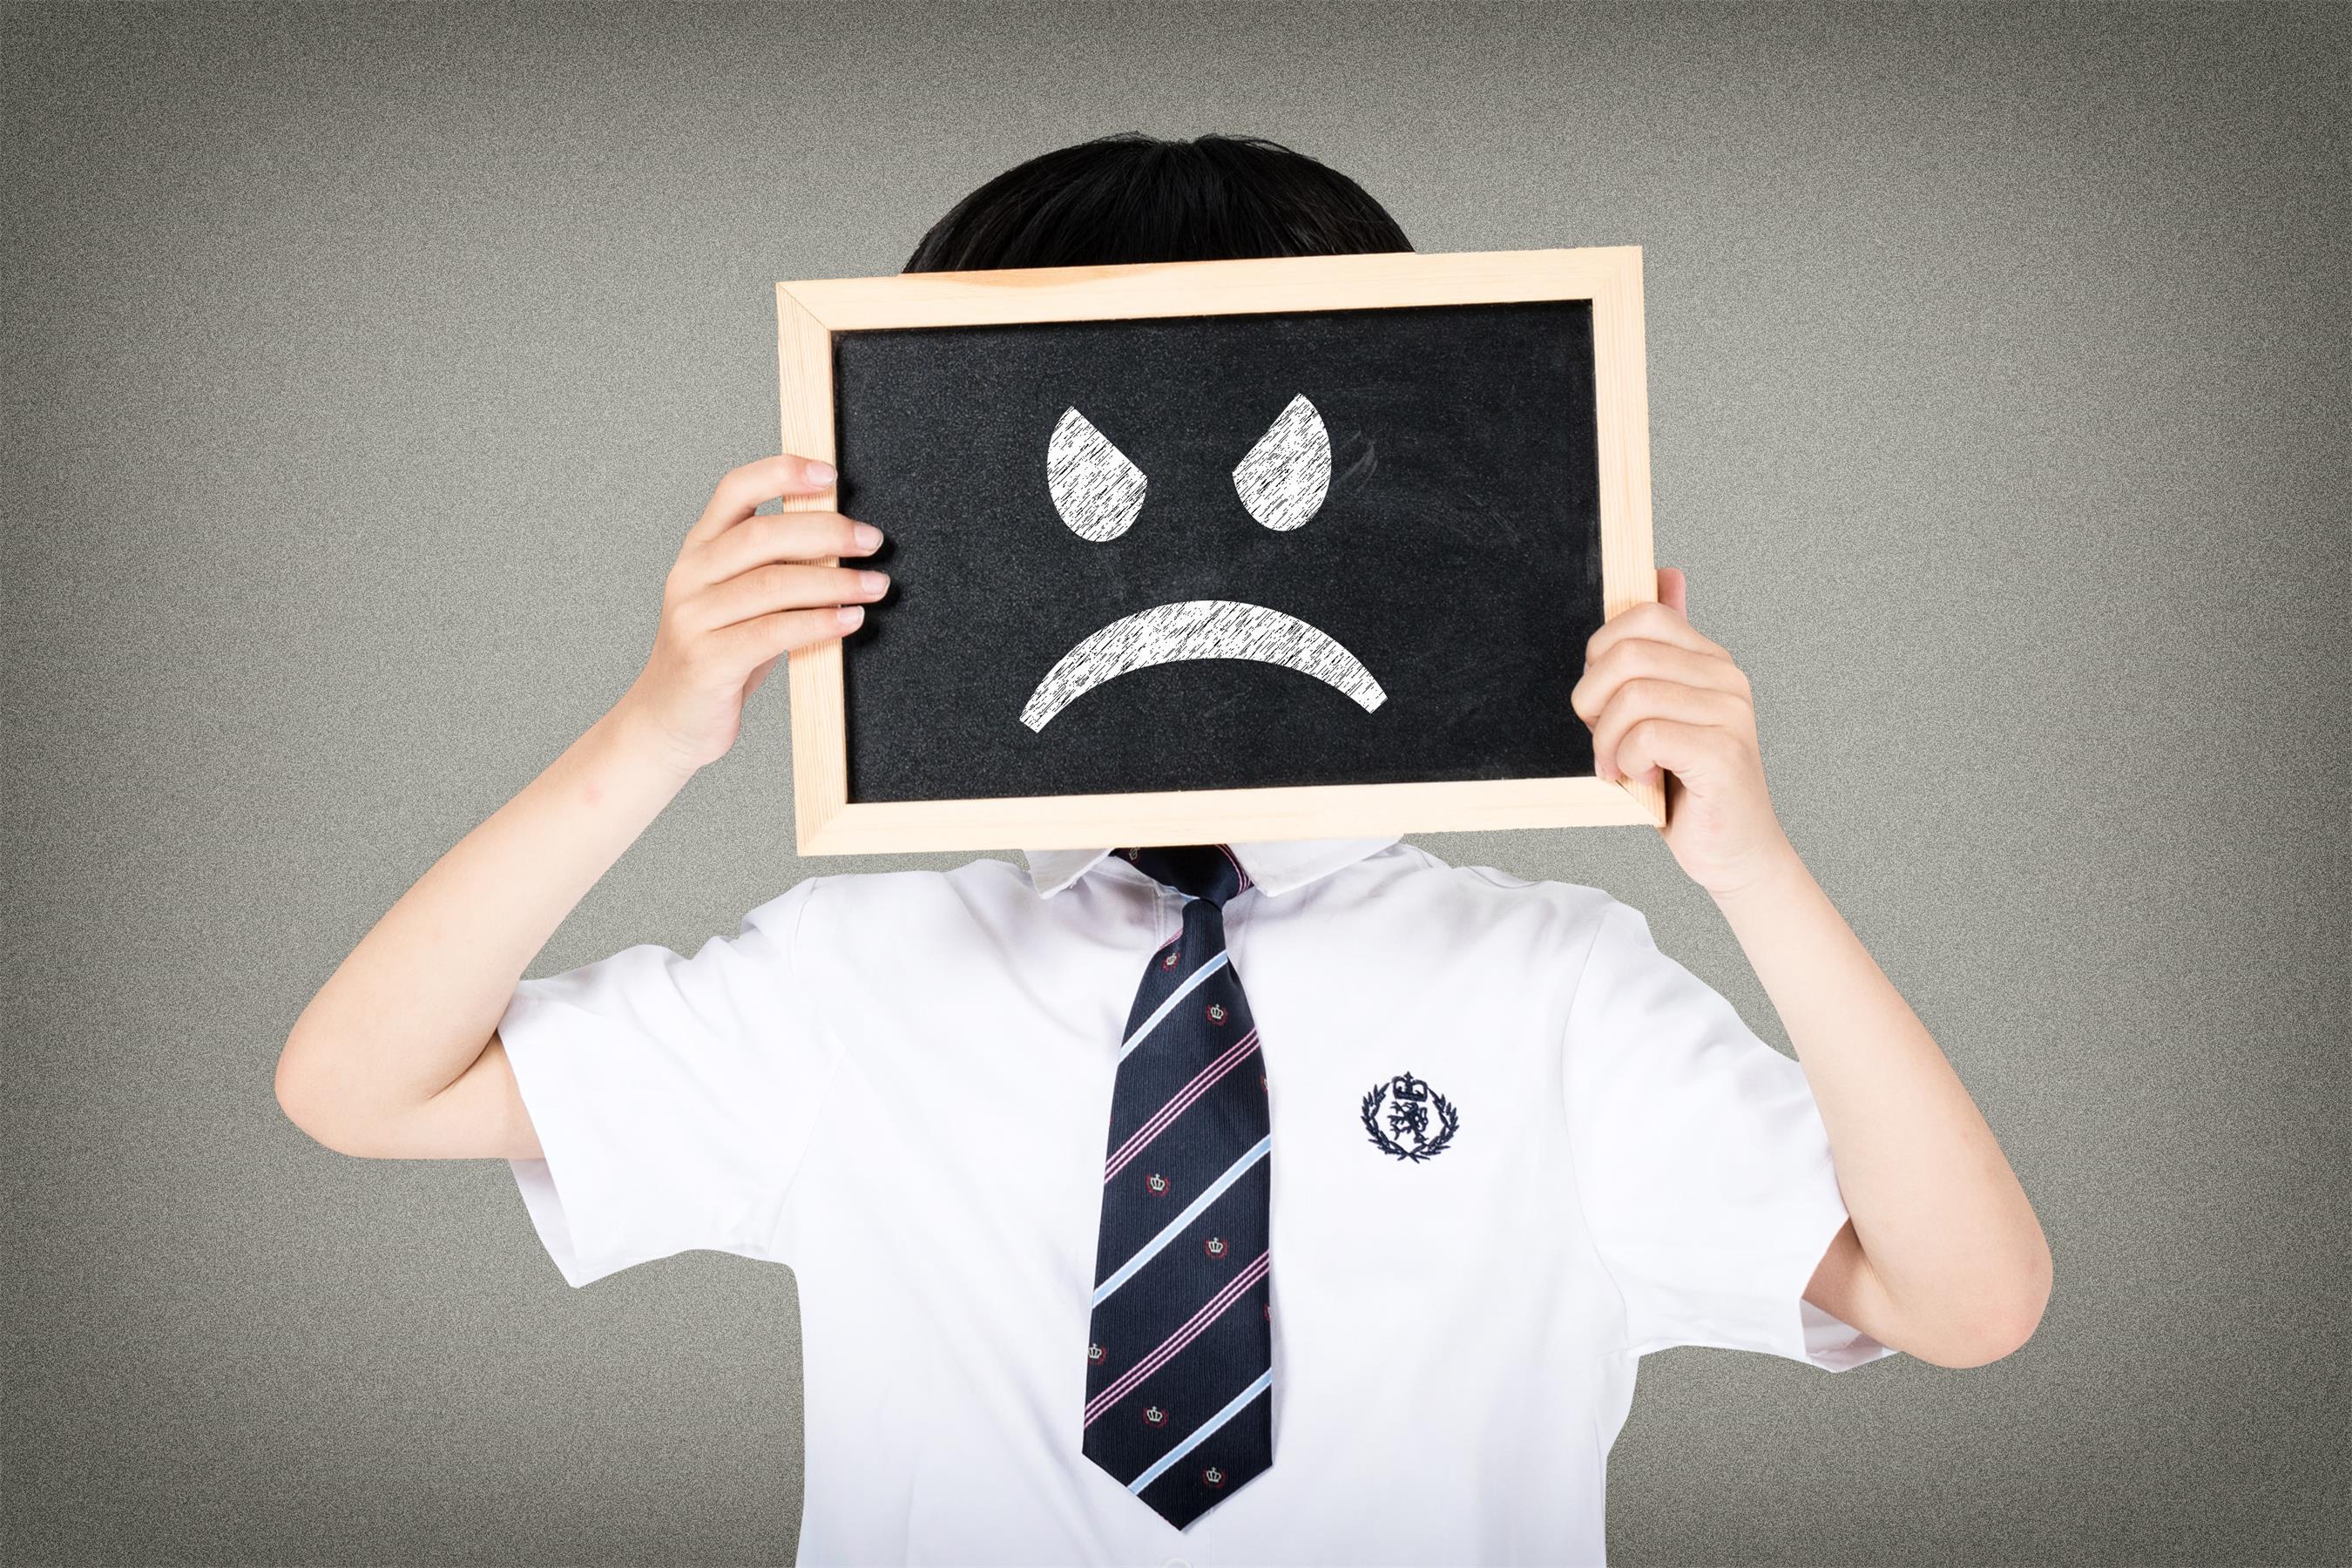 孩子脾气大 易暴躁 家长学会认知情绪最重要